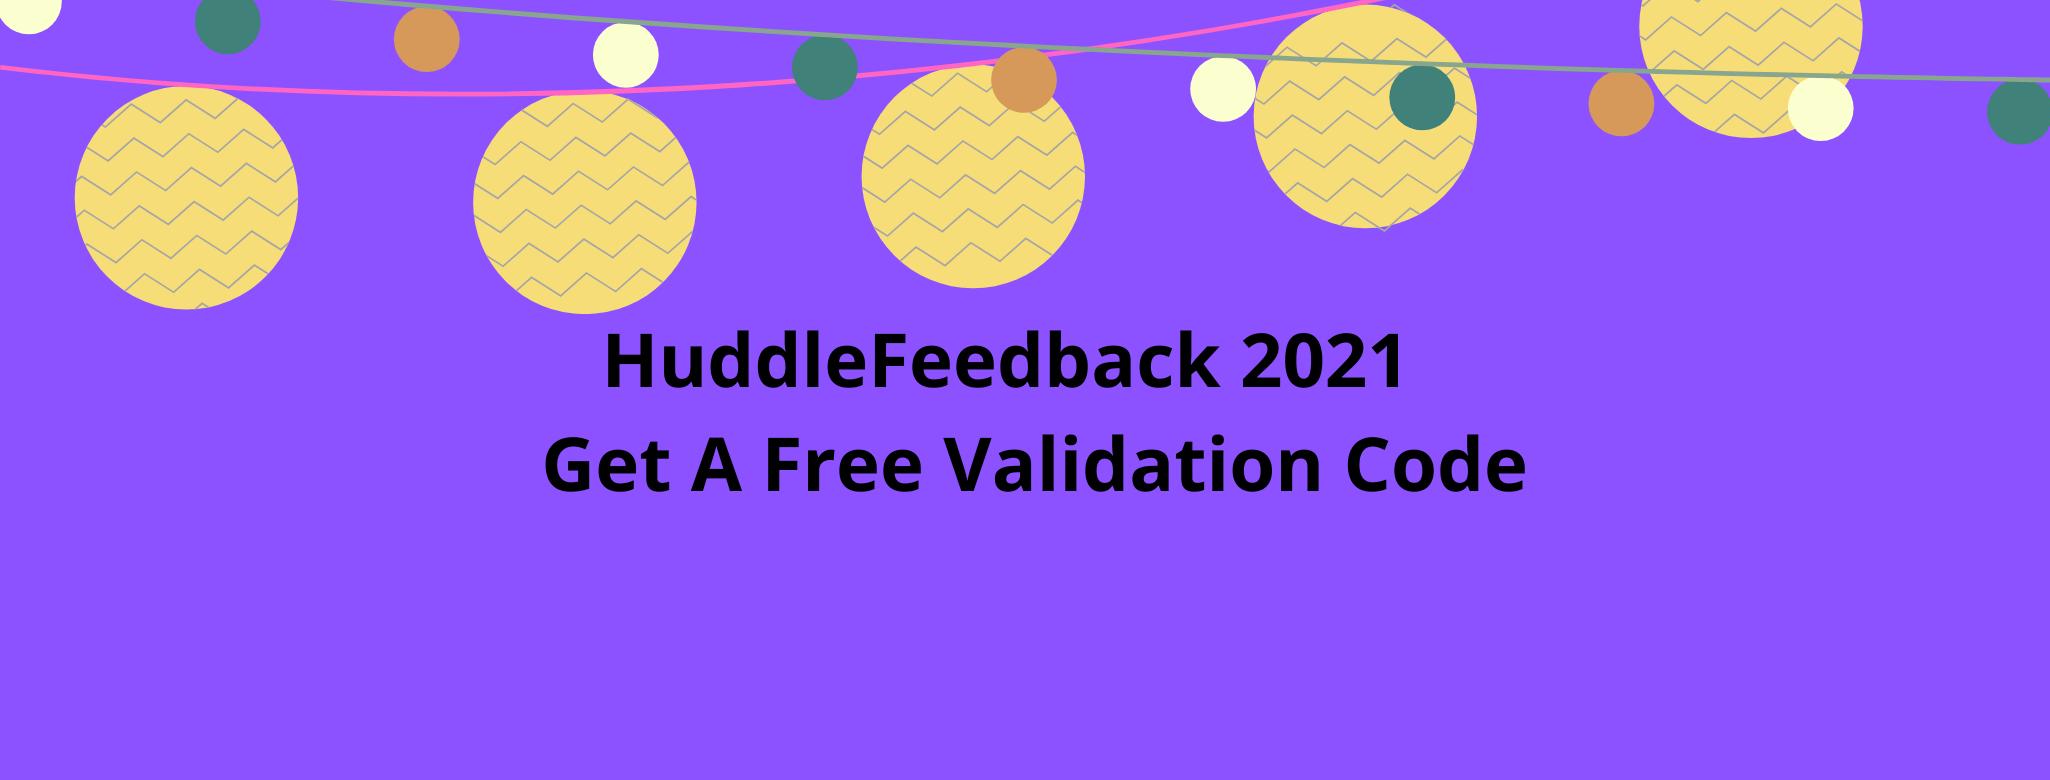 huddle house survey